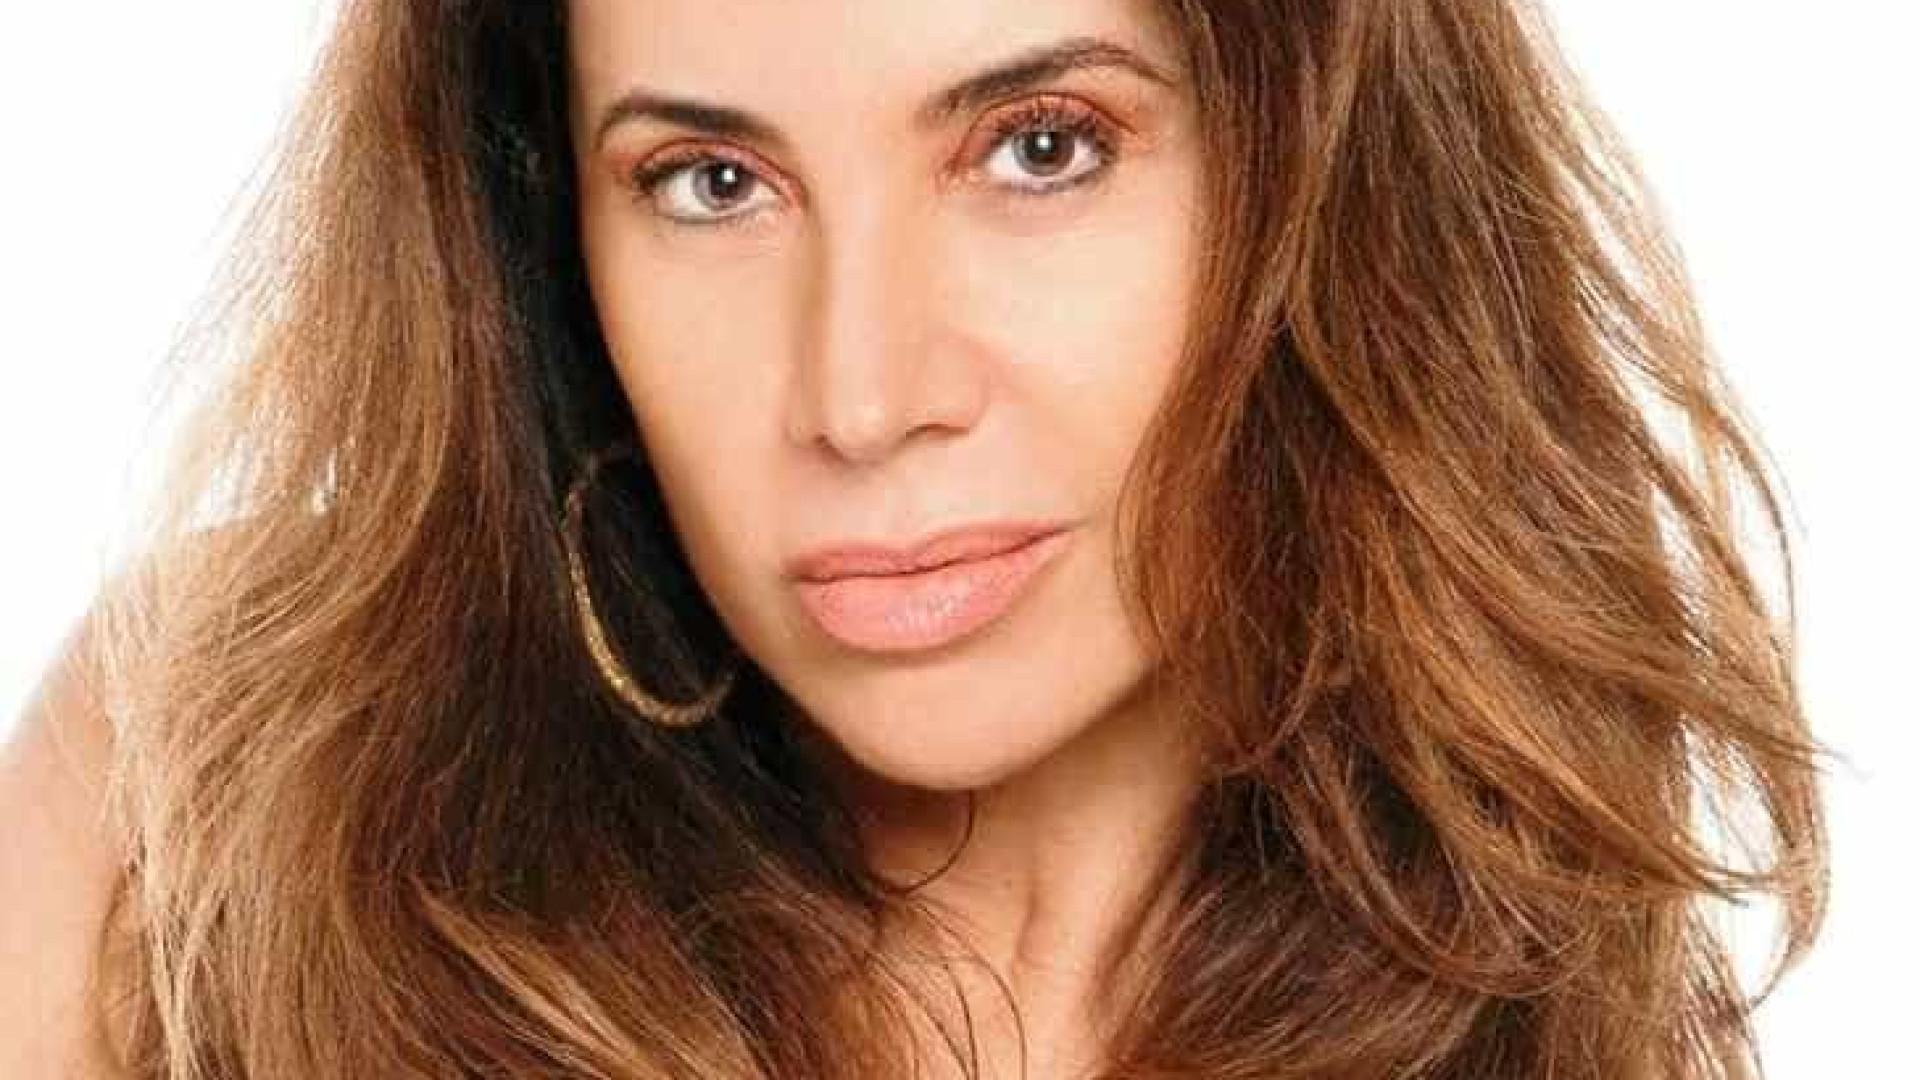 Cláudia Alencar fala de aborto aos 17: 'Lembro a dor até hoje'